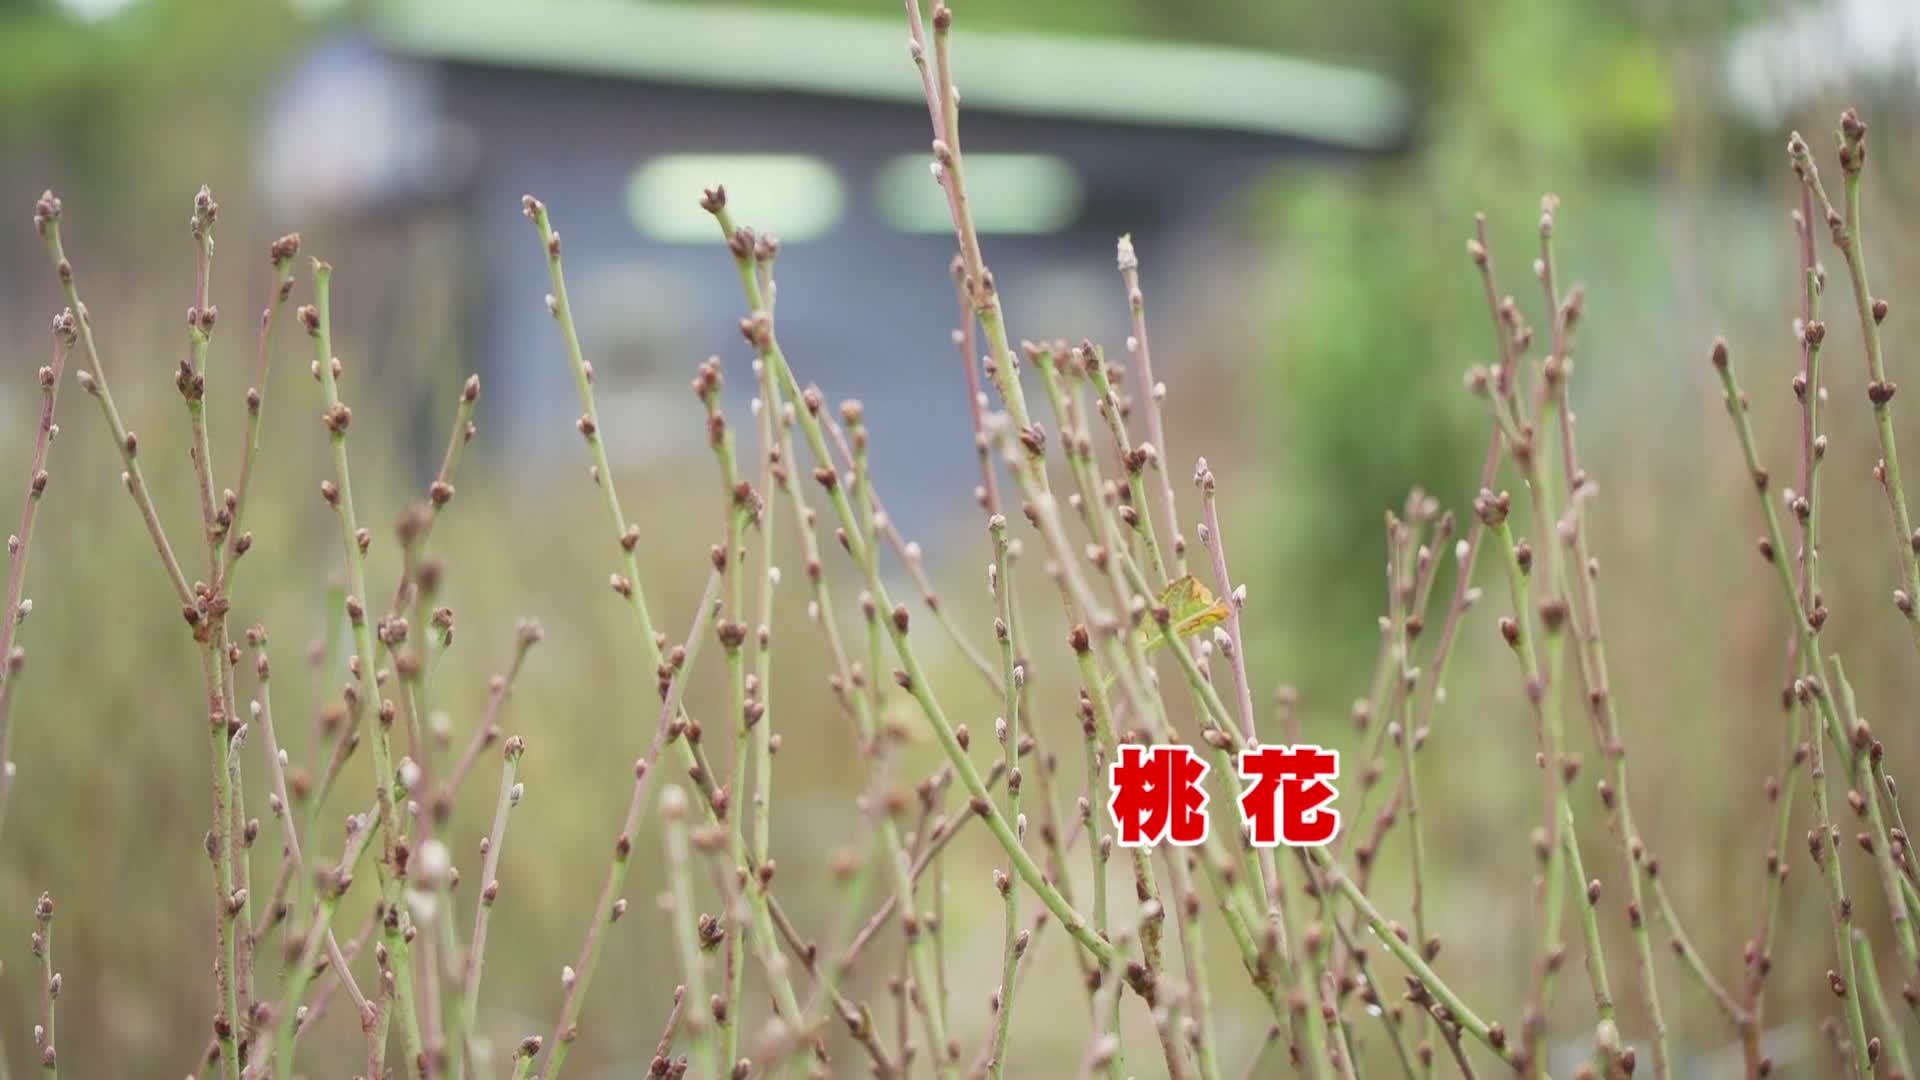 新春辦年貨 –  農場桃花